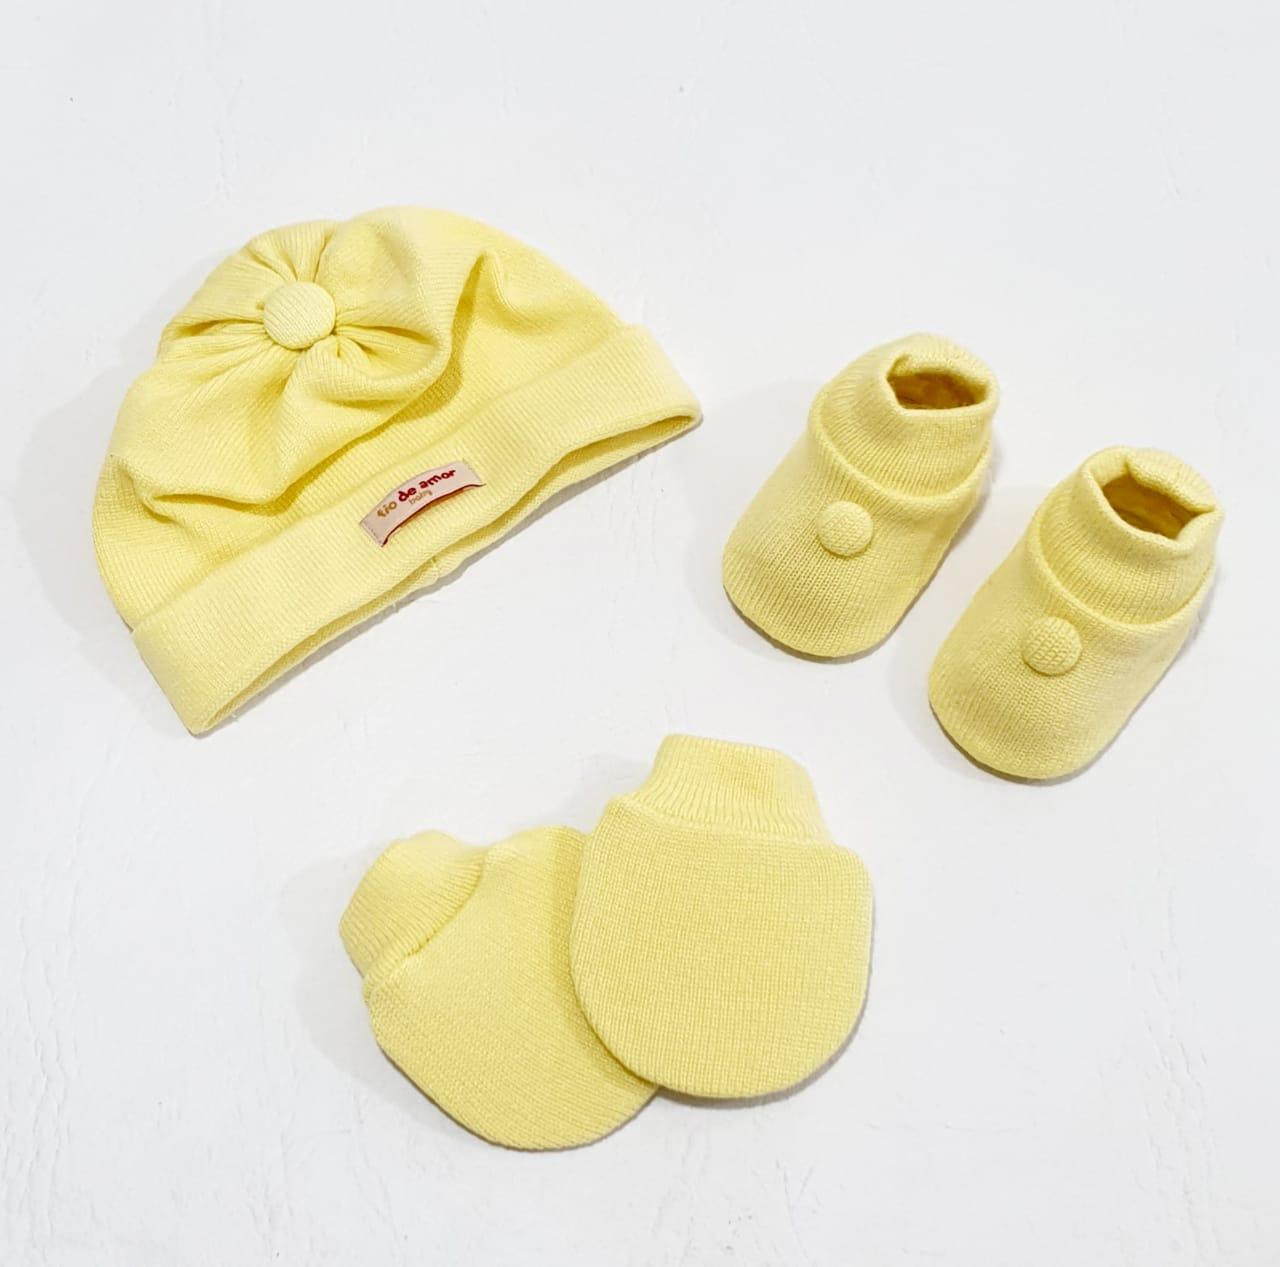 Kit 3 Peças - Touca Luva  e Sapatinho - Tamanho Único - Tricô -Feito a Mão - Fio de Amor